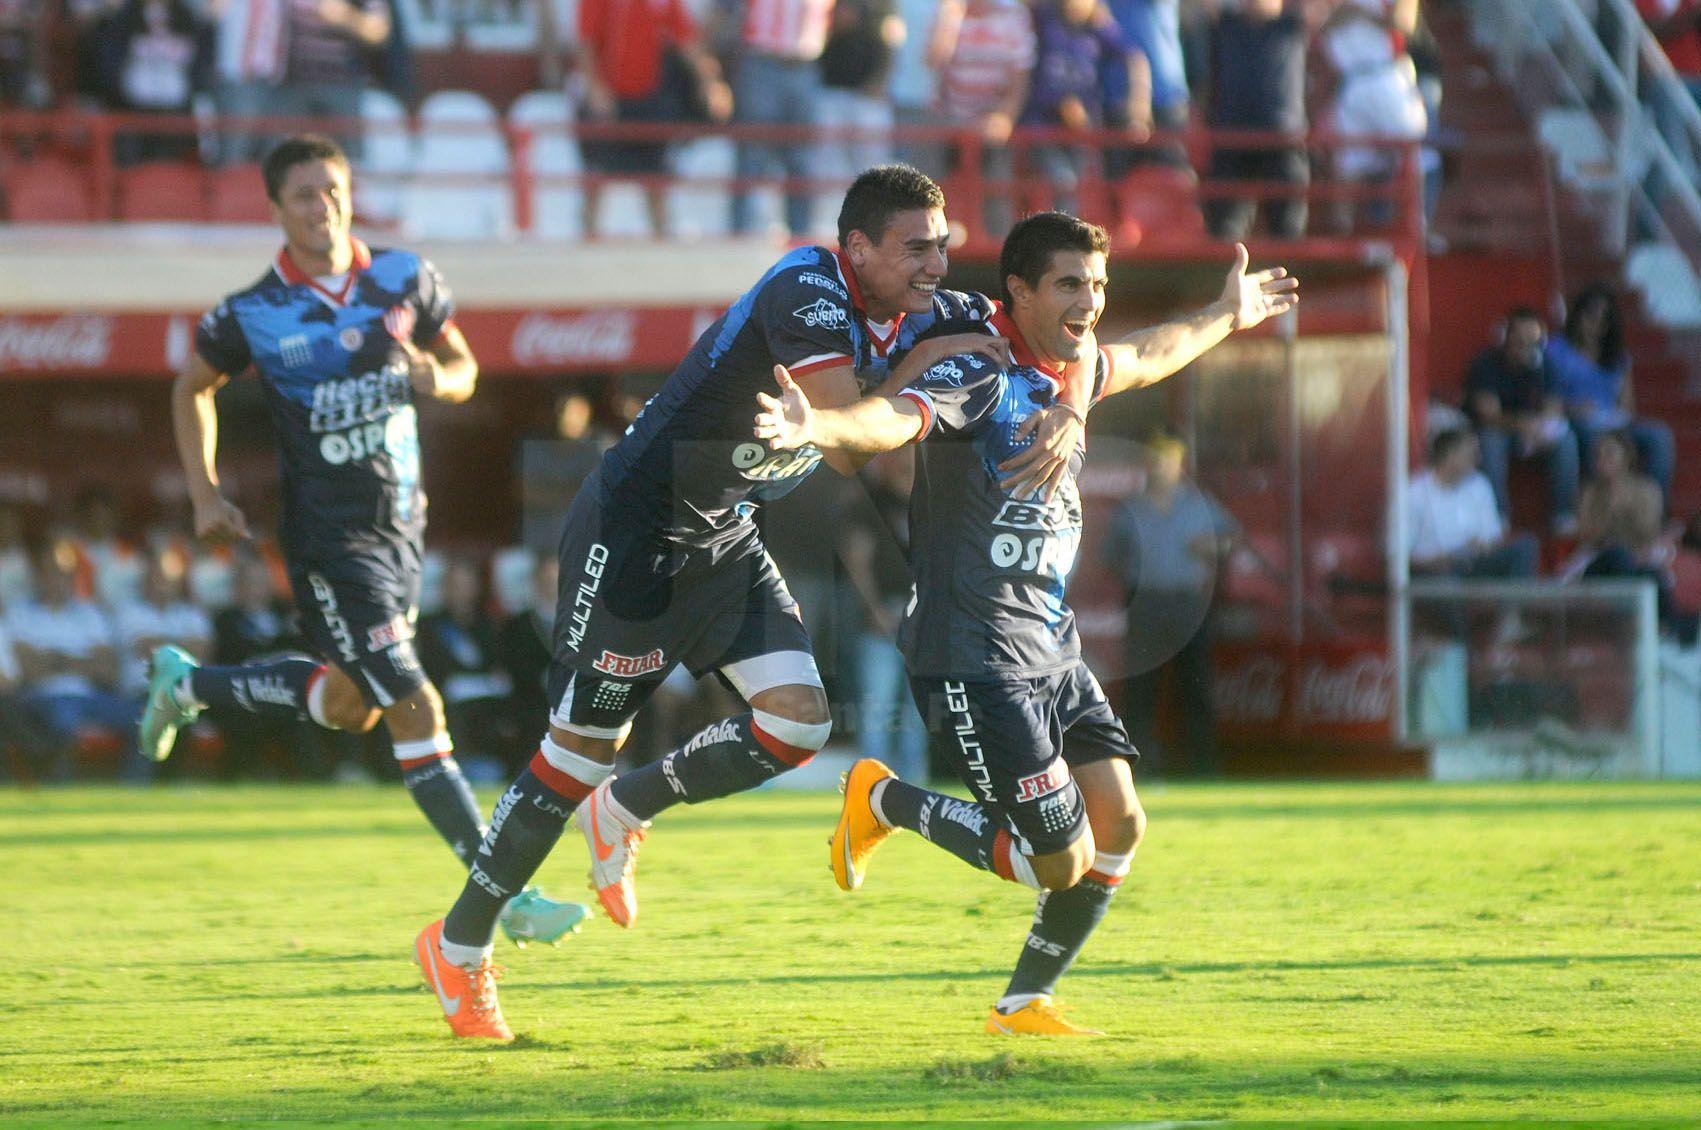 Para que Unión vuelva a ser fuerte en la mitad de la cancha será vital que Mauricio Martínez e Ignacio Malcorra recuperen el nivel de juego./ Manuel Testi.